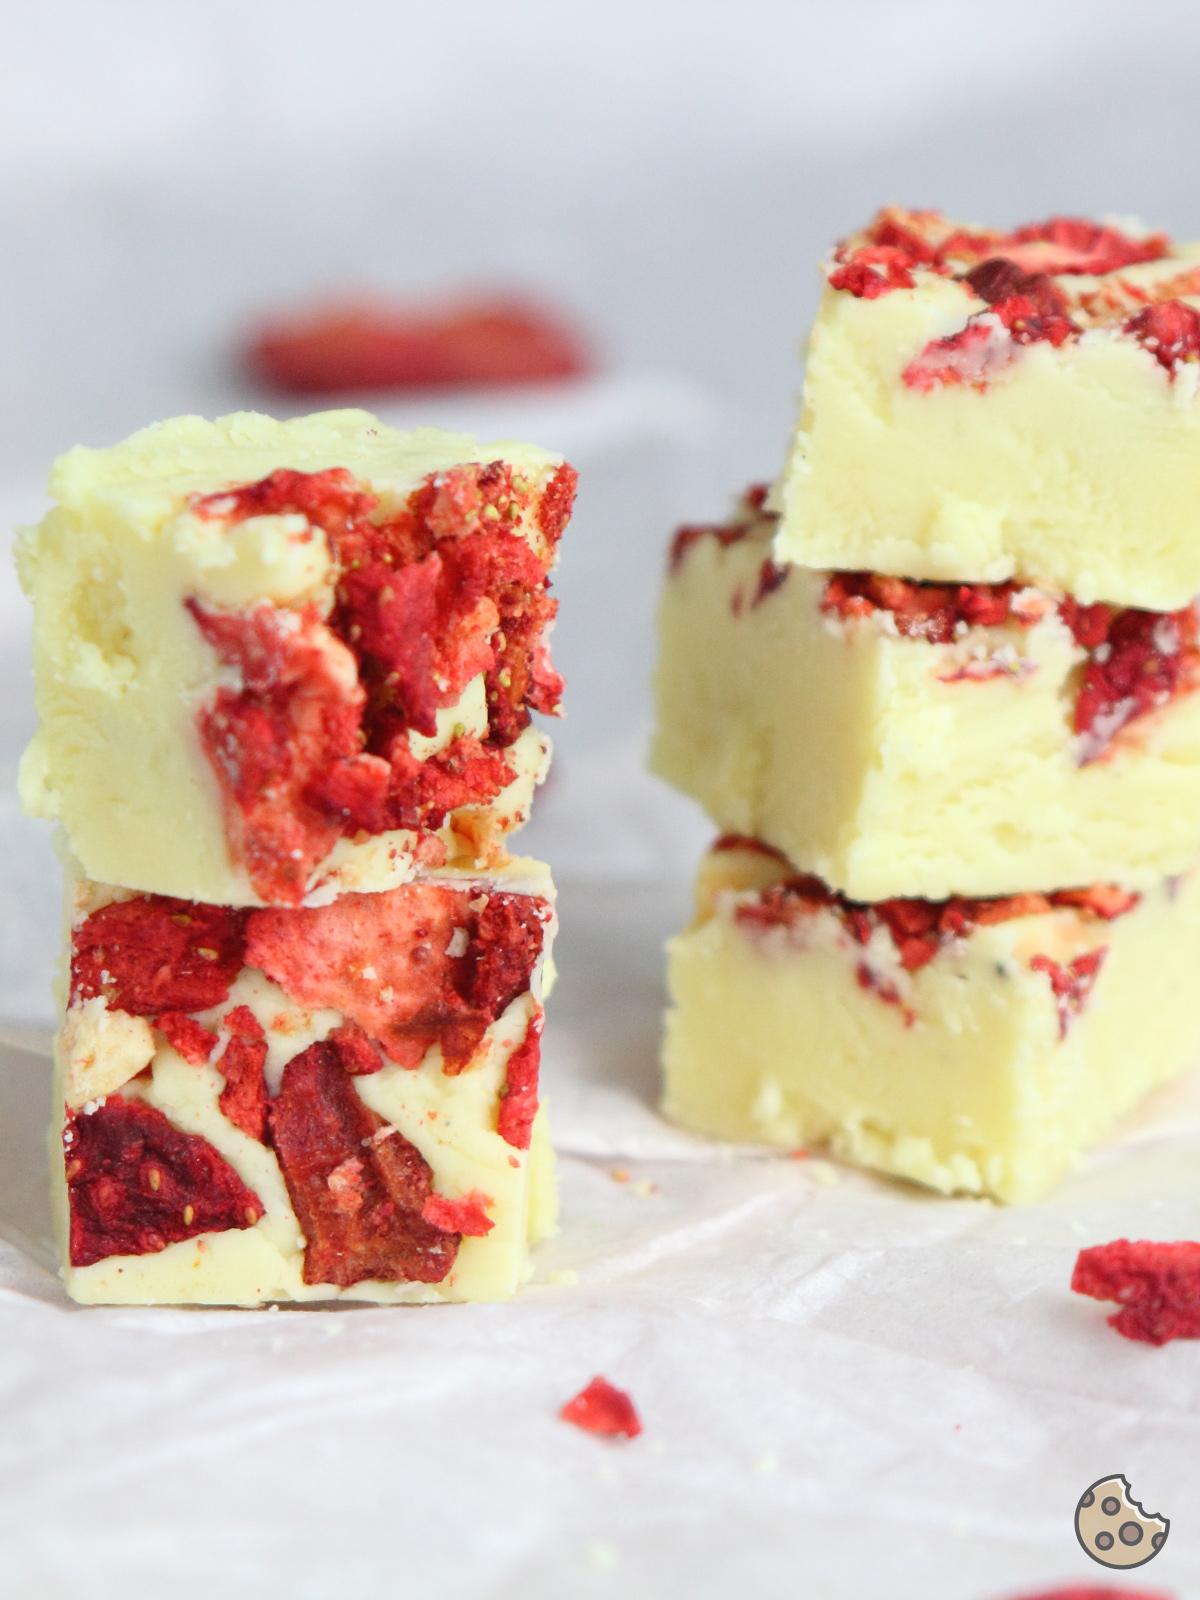 Erdbeer-Fudge-Weiße-Schokolade-Keksstaub-1